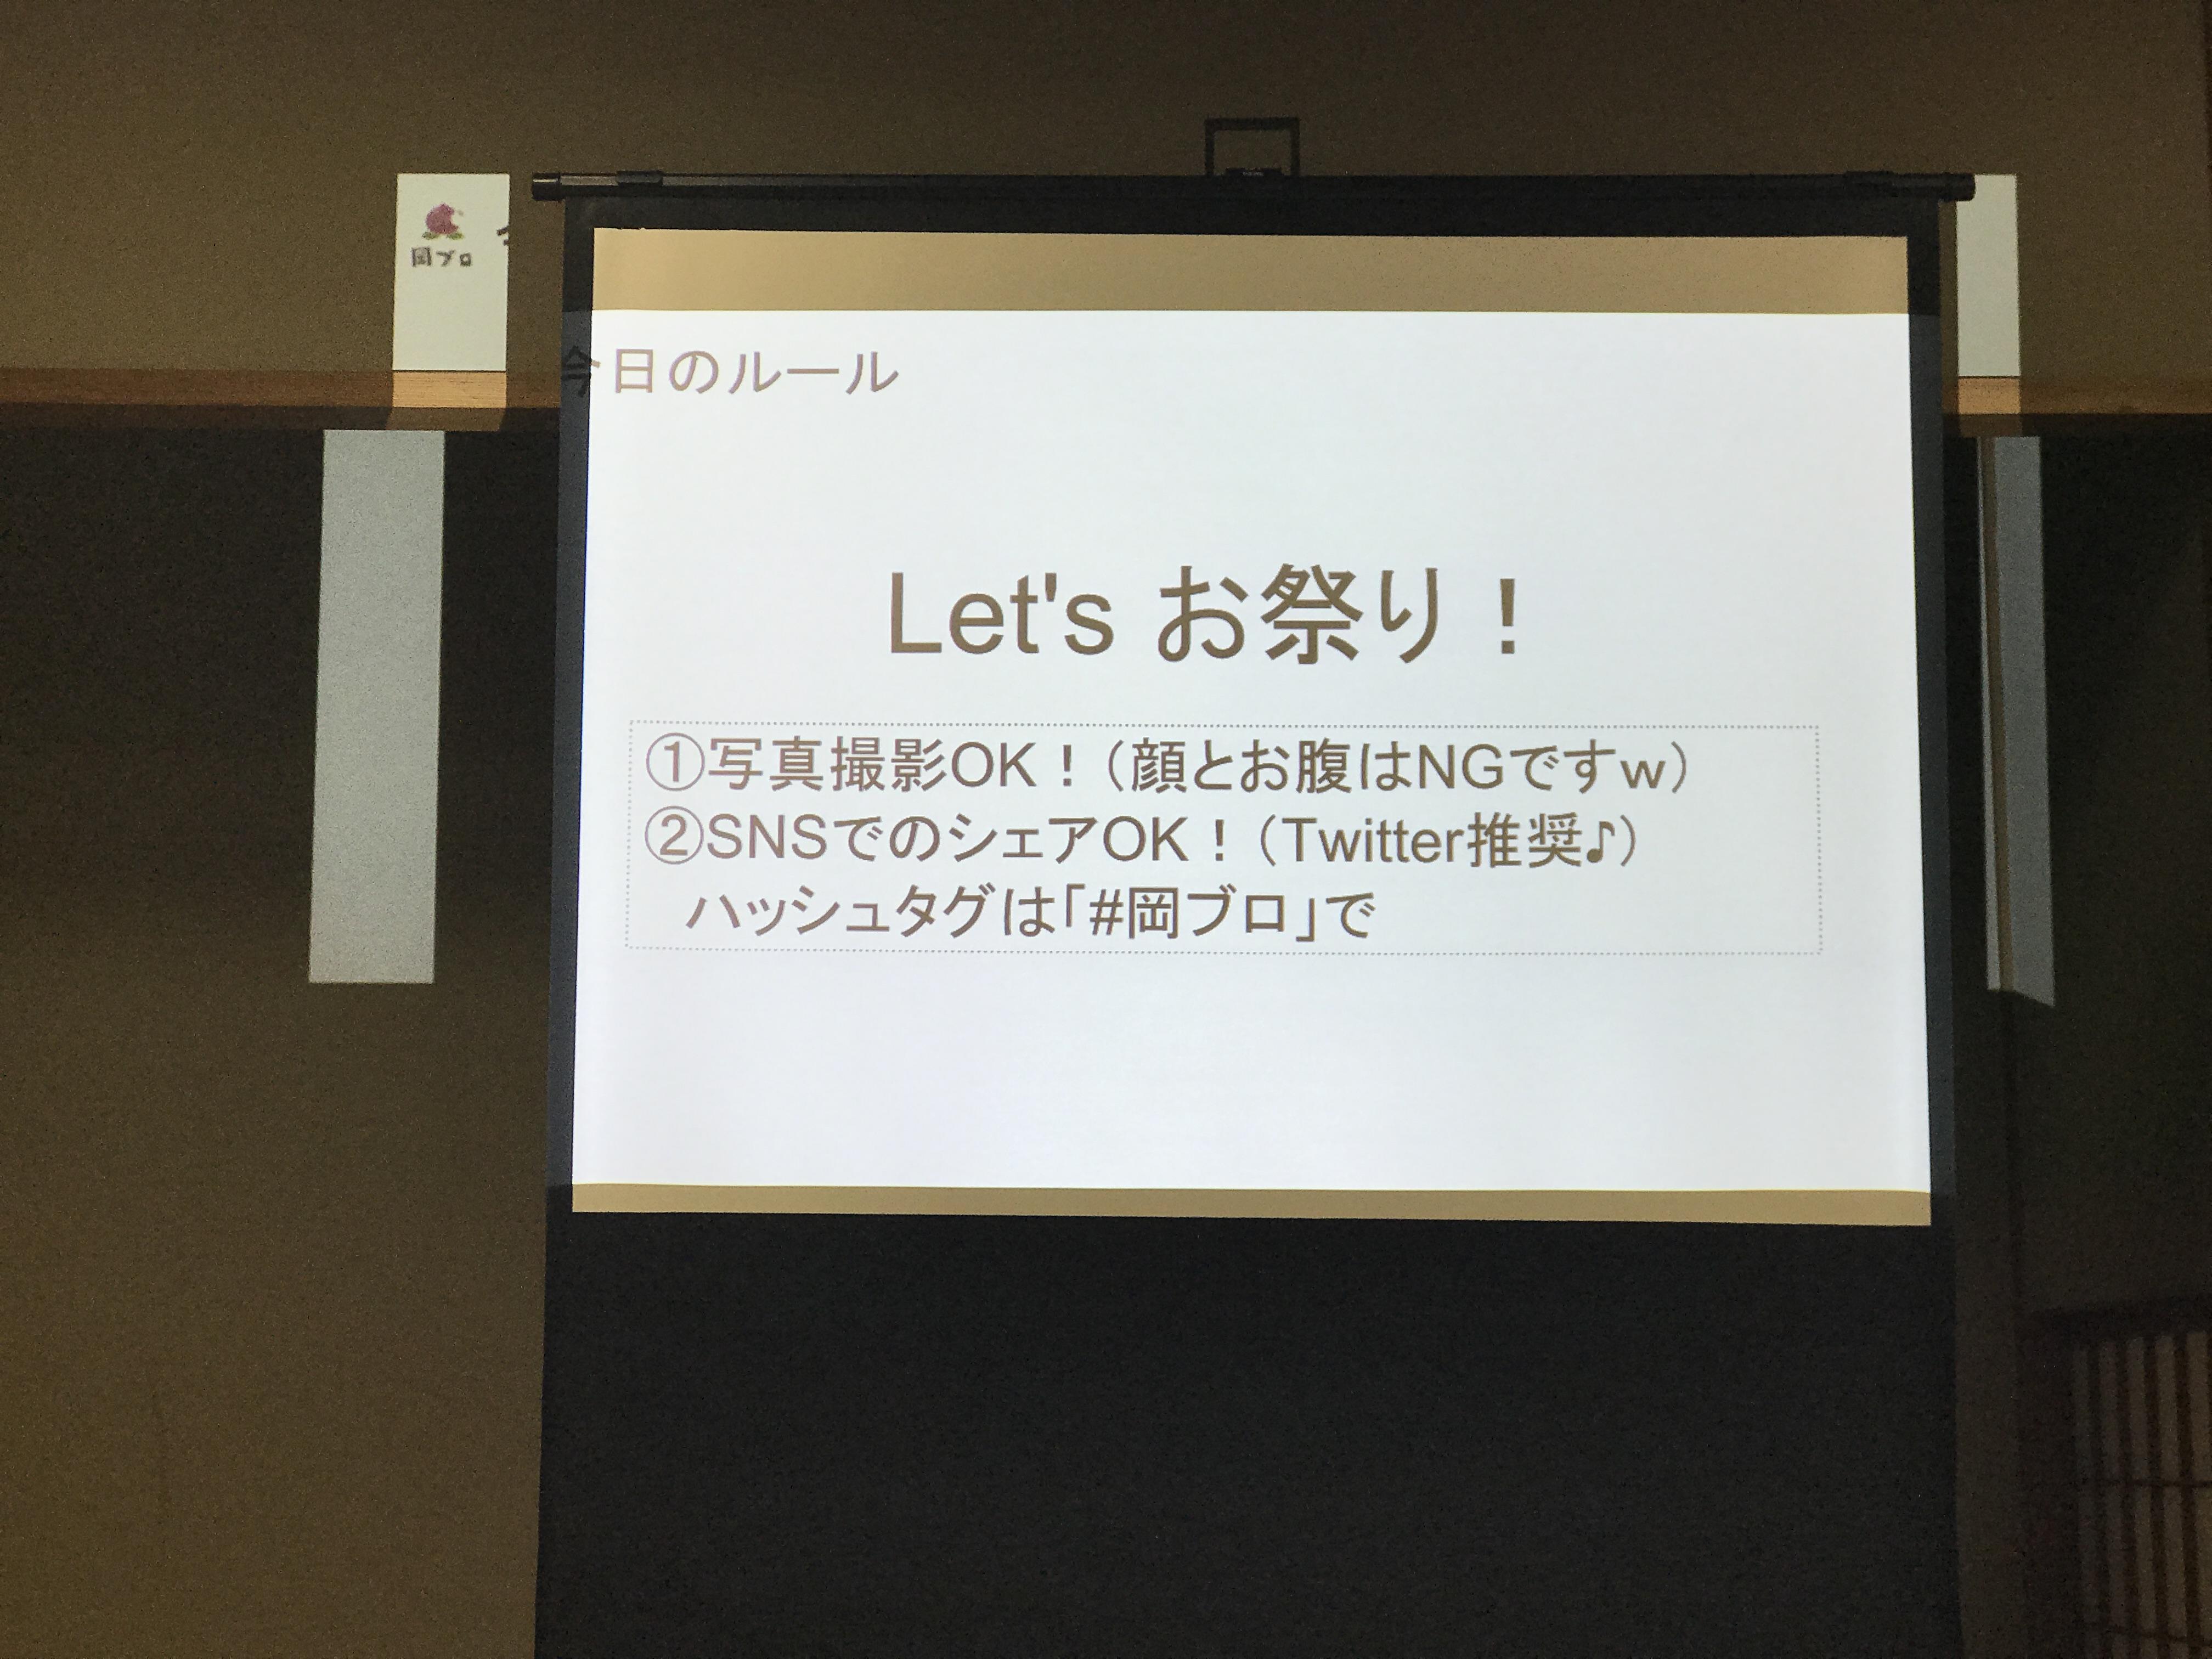 第2回 #岡ブロ に参加してきたよ!講師は、SEOのカリスマ、トシさん!